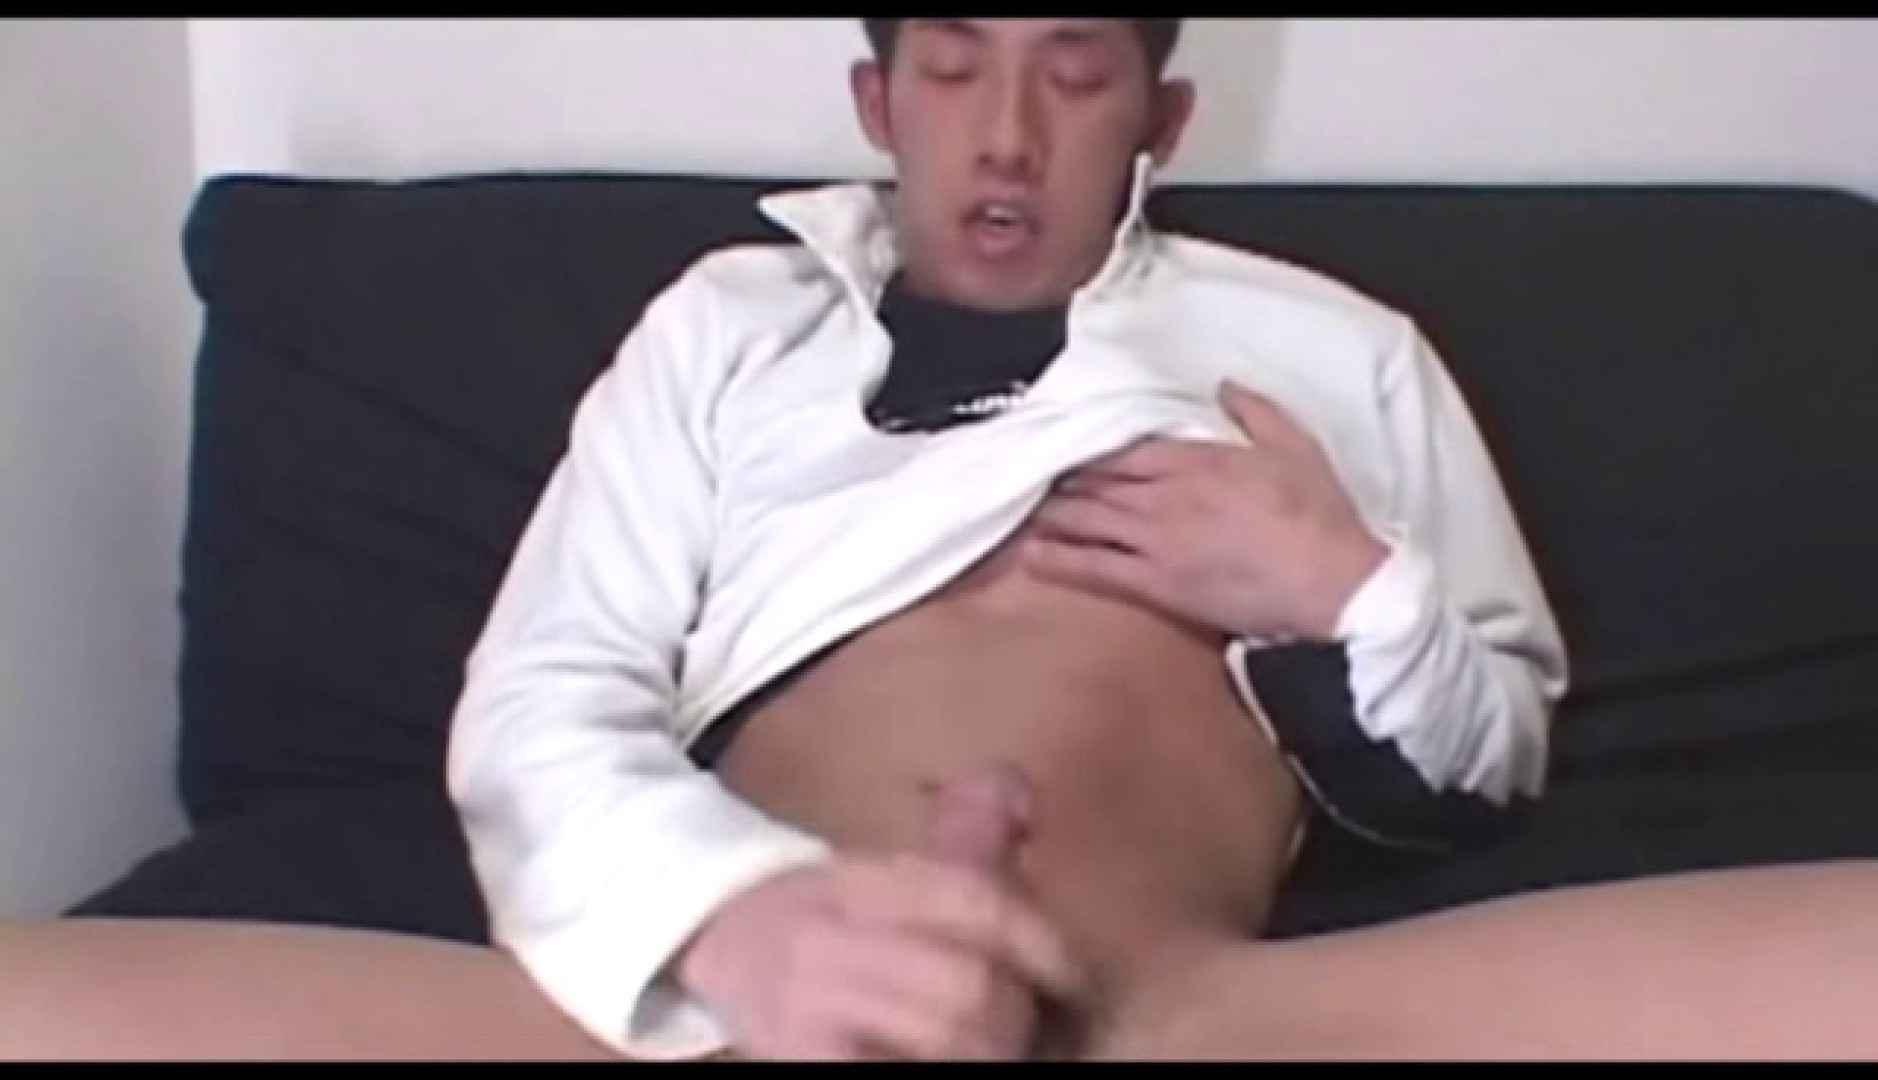 イケメンダブルス!Vol.05 アナル天国 | エロすぎフェラ  13枚 8